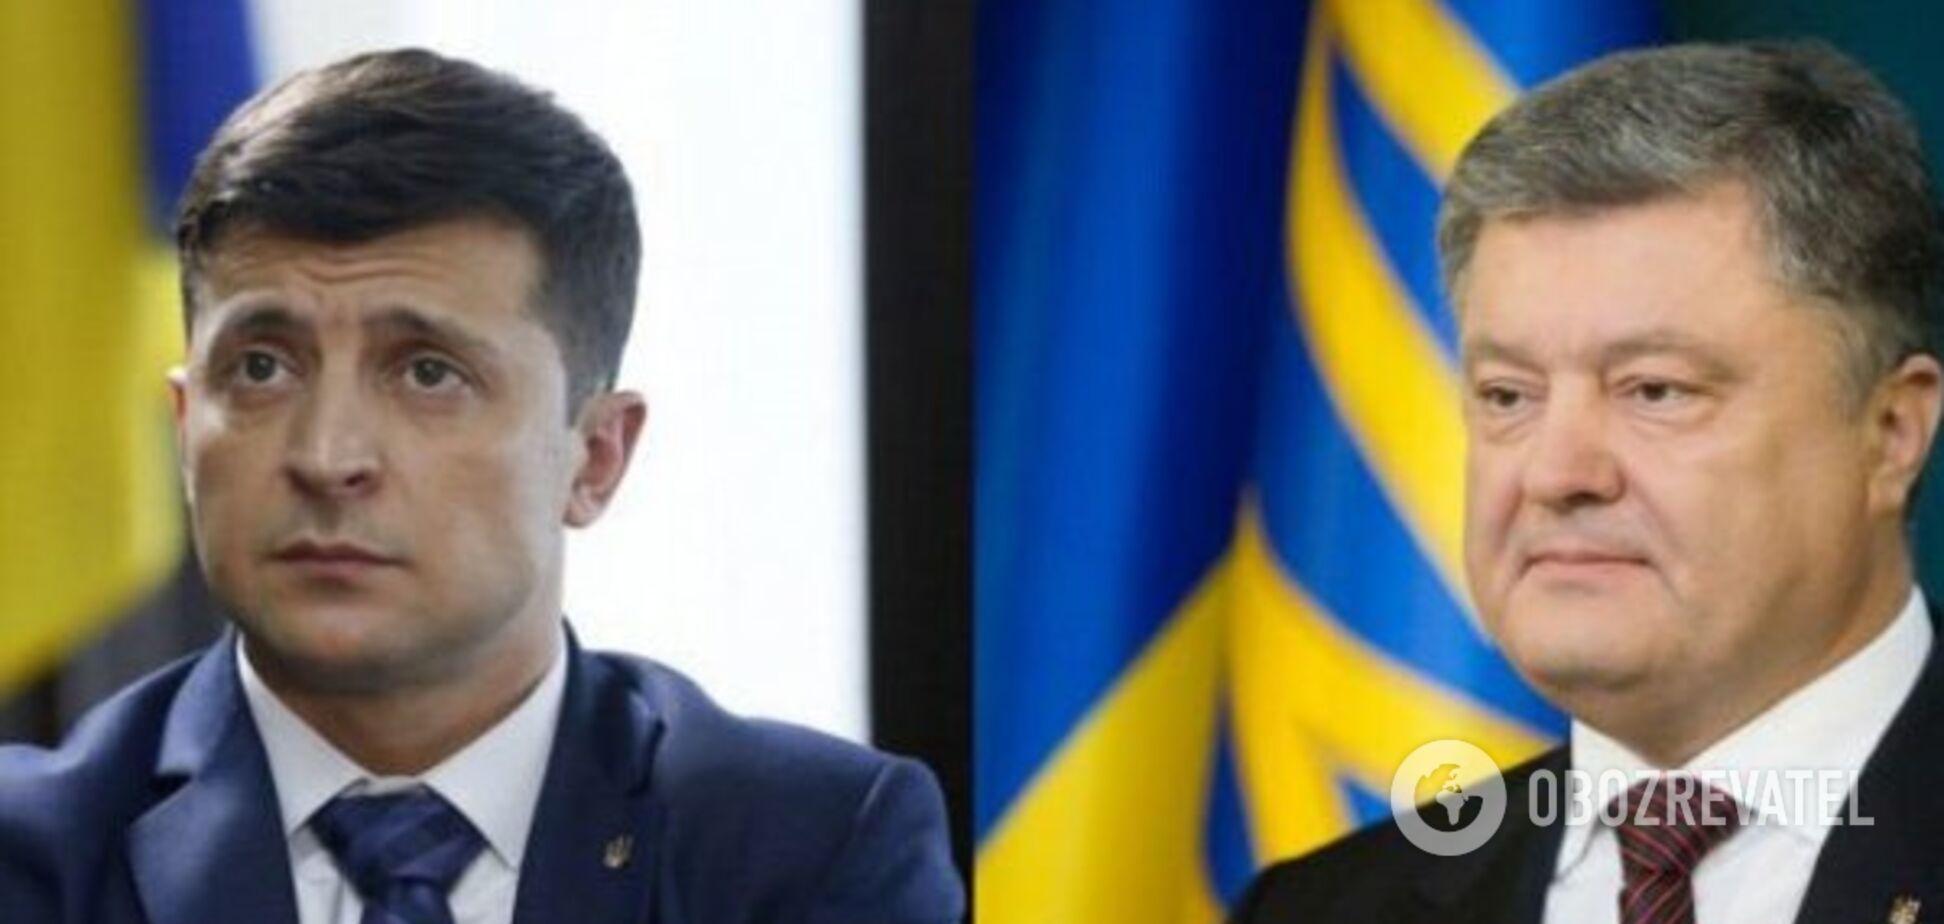 Дебати Порошенка і Зеленського: названа вартість проведення на 'Олімпійському'